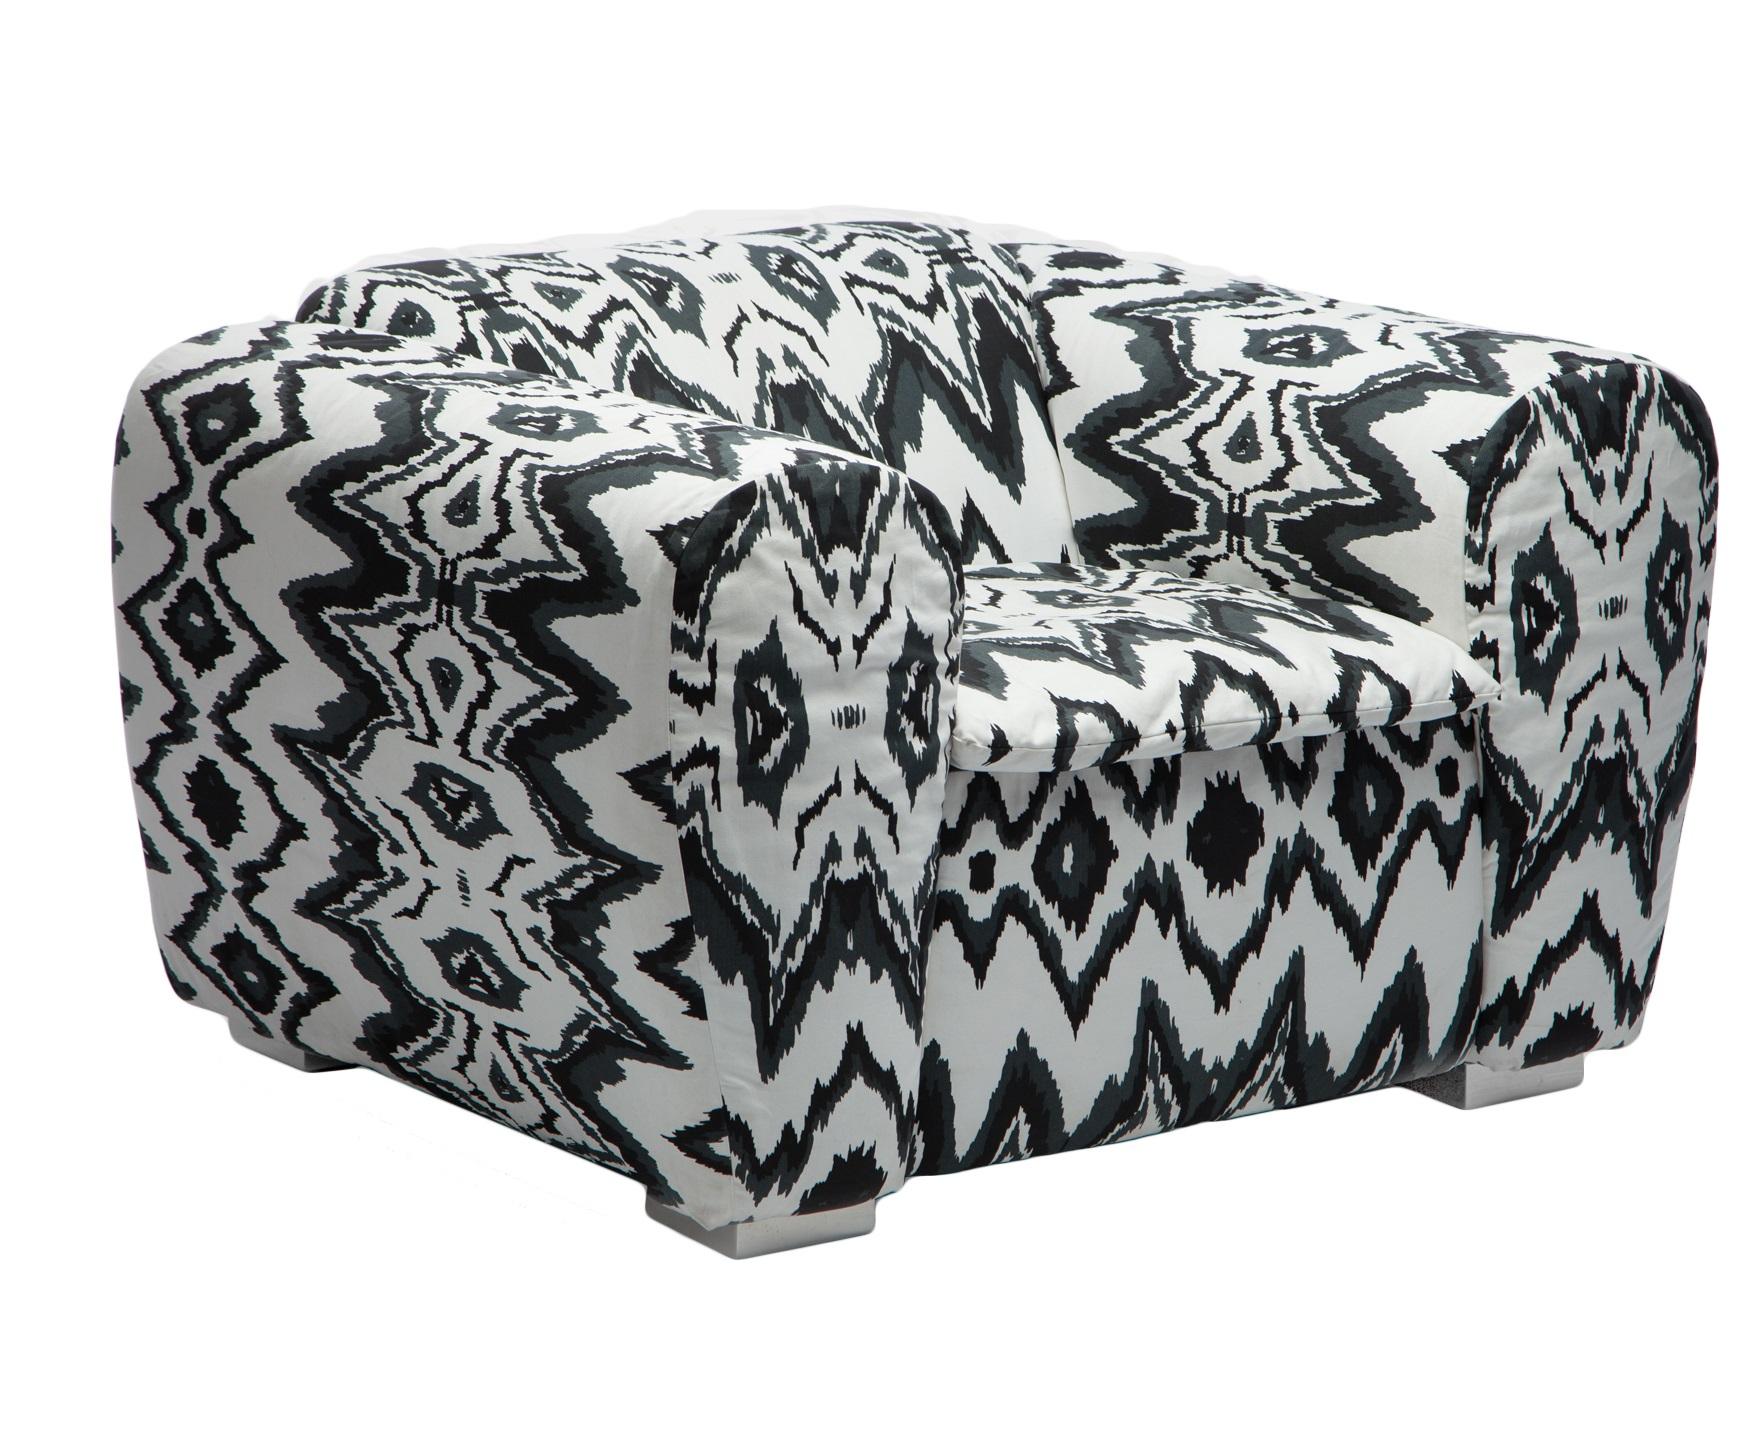 КреслоИнтерьерные кресла<br>Оригинальное кресло с черно-белым орнаментом в стиле икат добавит нотку экзотики в Ваш интерьер.&amp;amp;nbsp;<br><br>Material: Хлопок<br>Width см: 100<br>Depth см: 94<br>Height см: 73